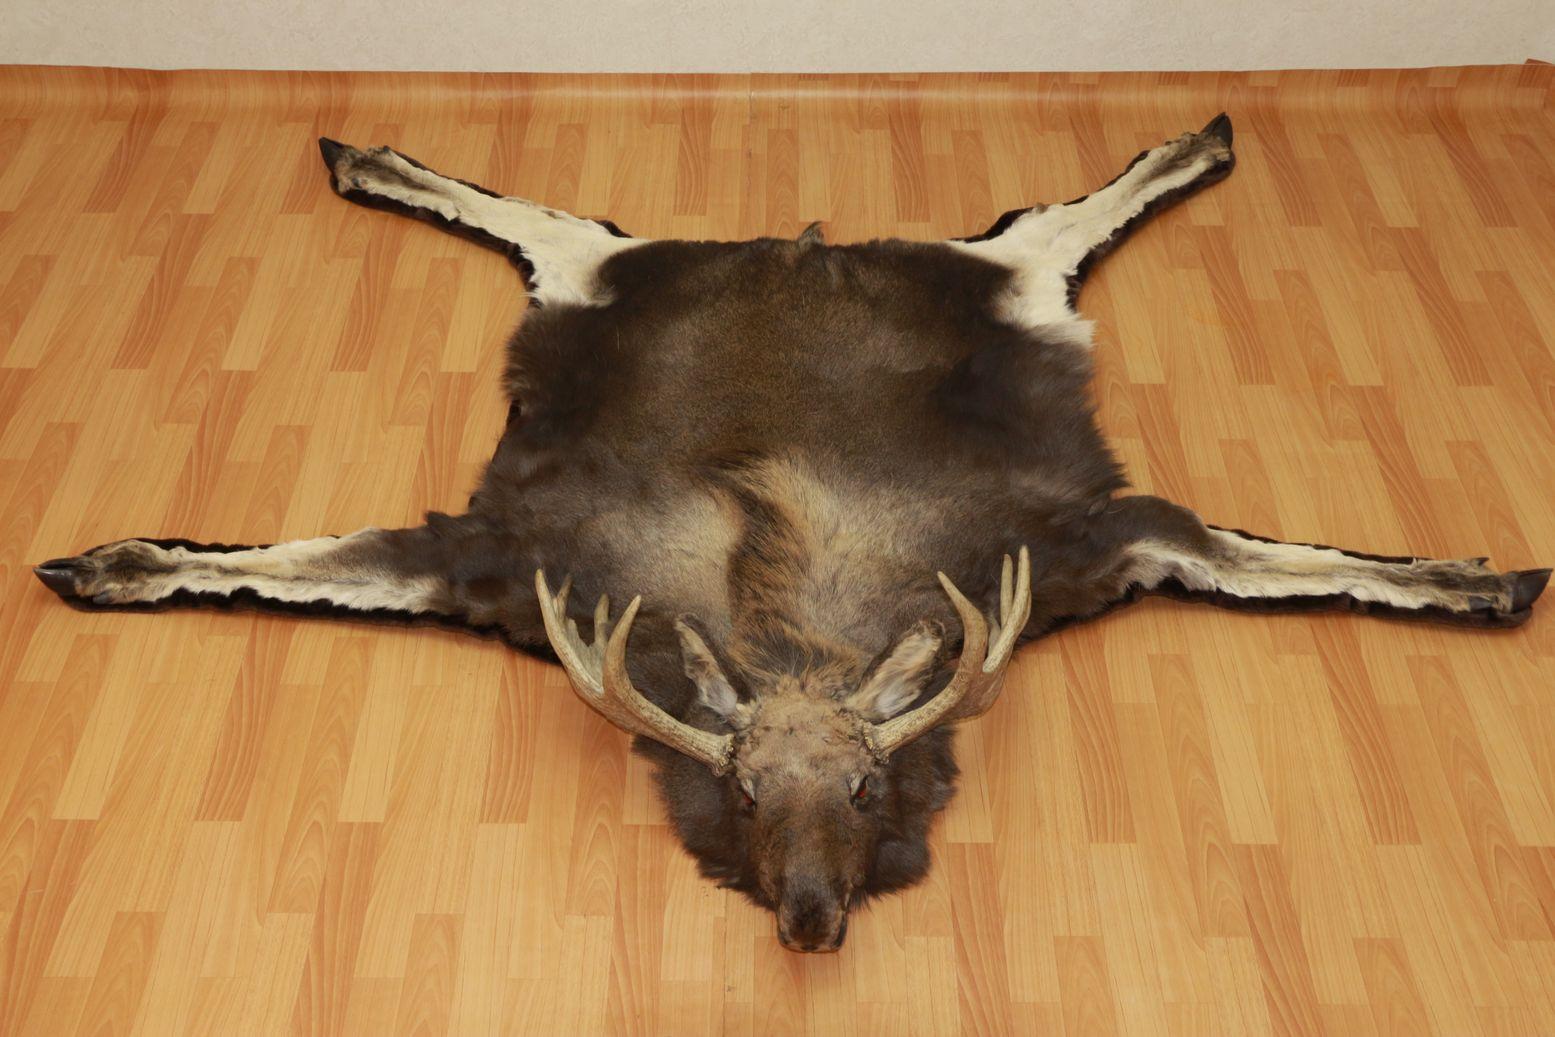 Moose Elk Taxidermy Rug Carpet For Sale Fur Pelt Hide Skin